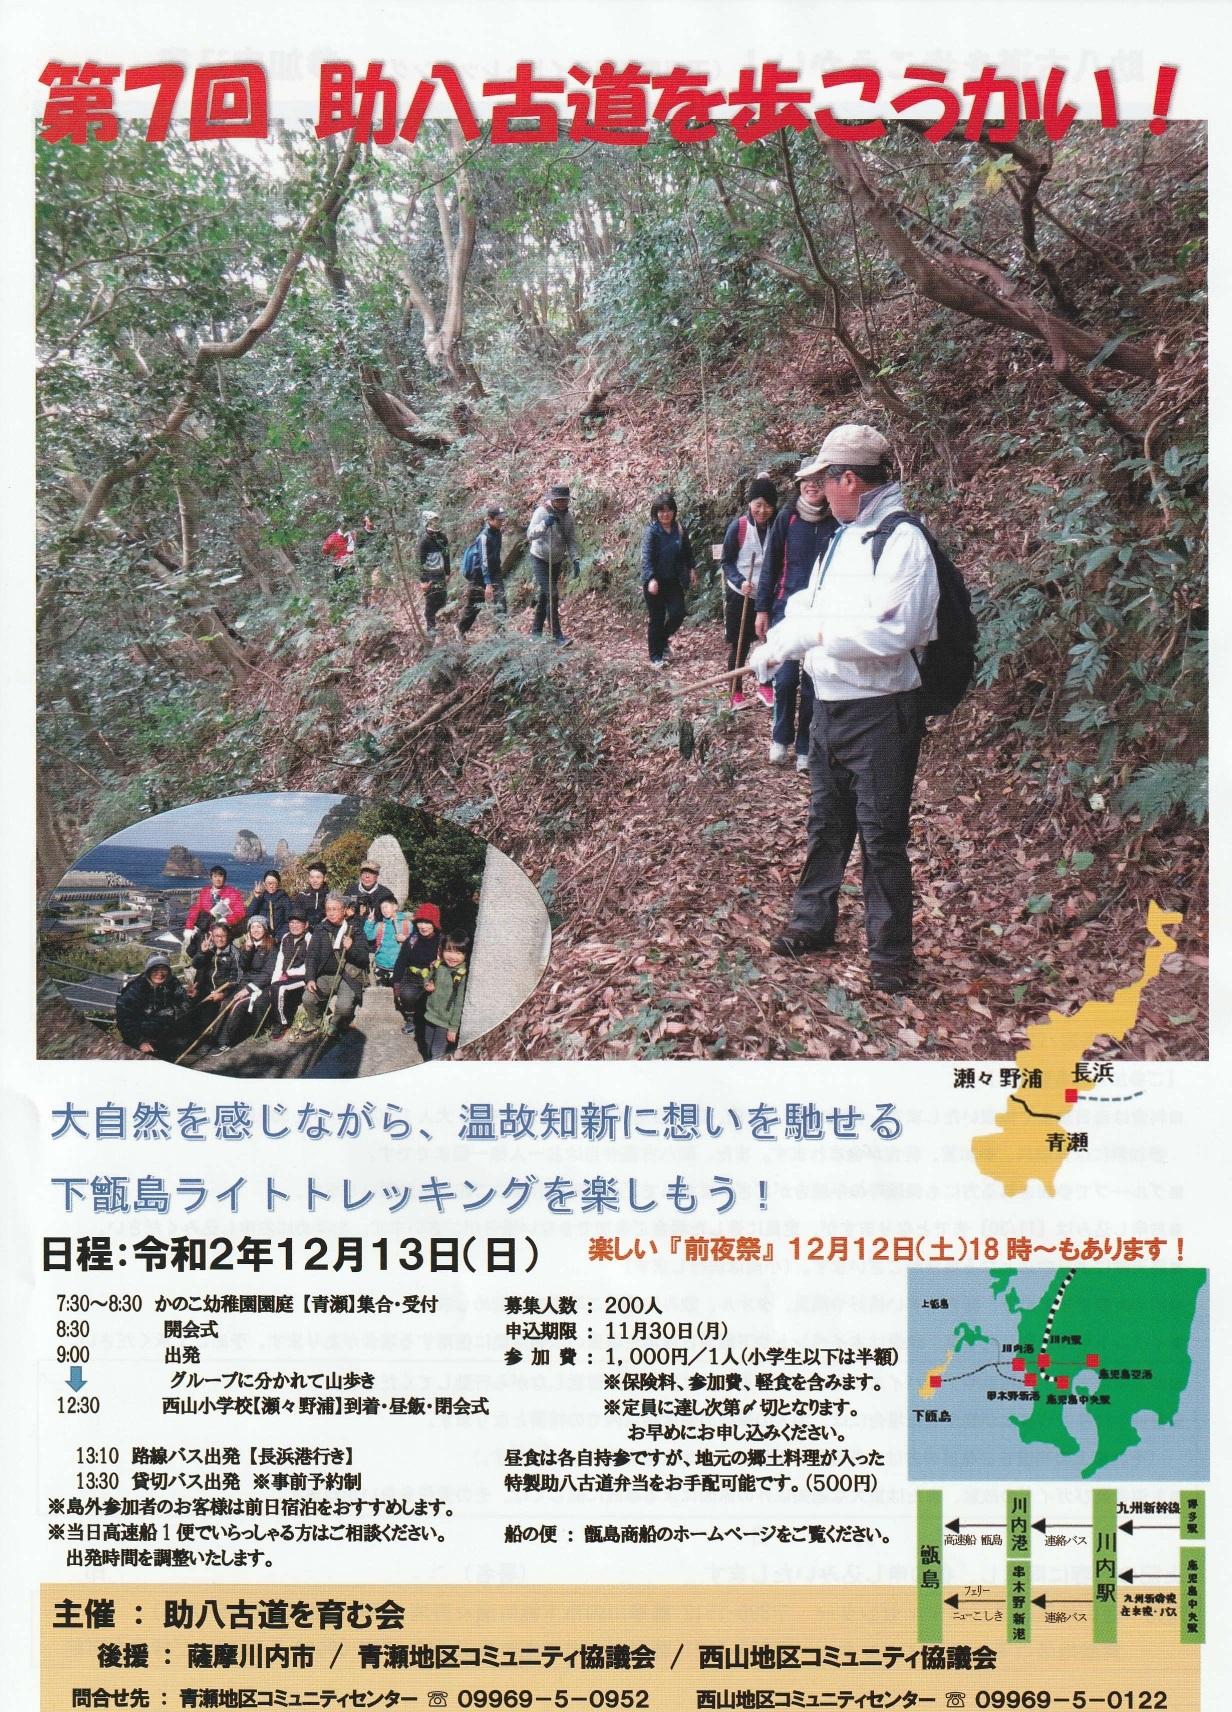 第7回 助八古道を歩こうかい!